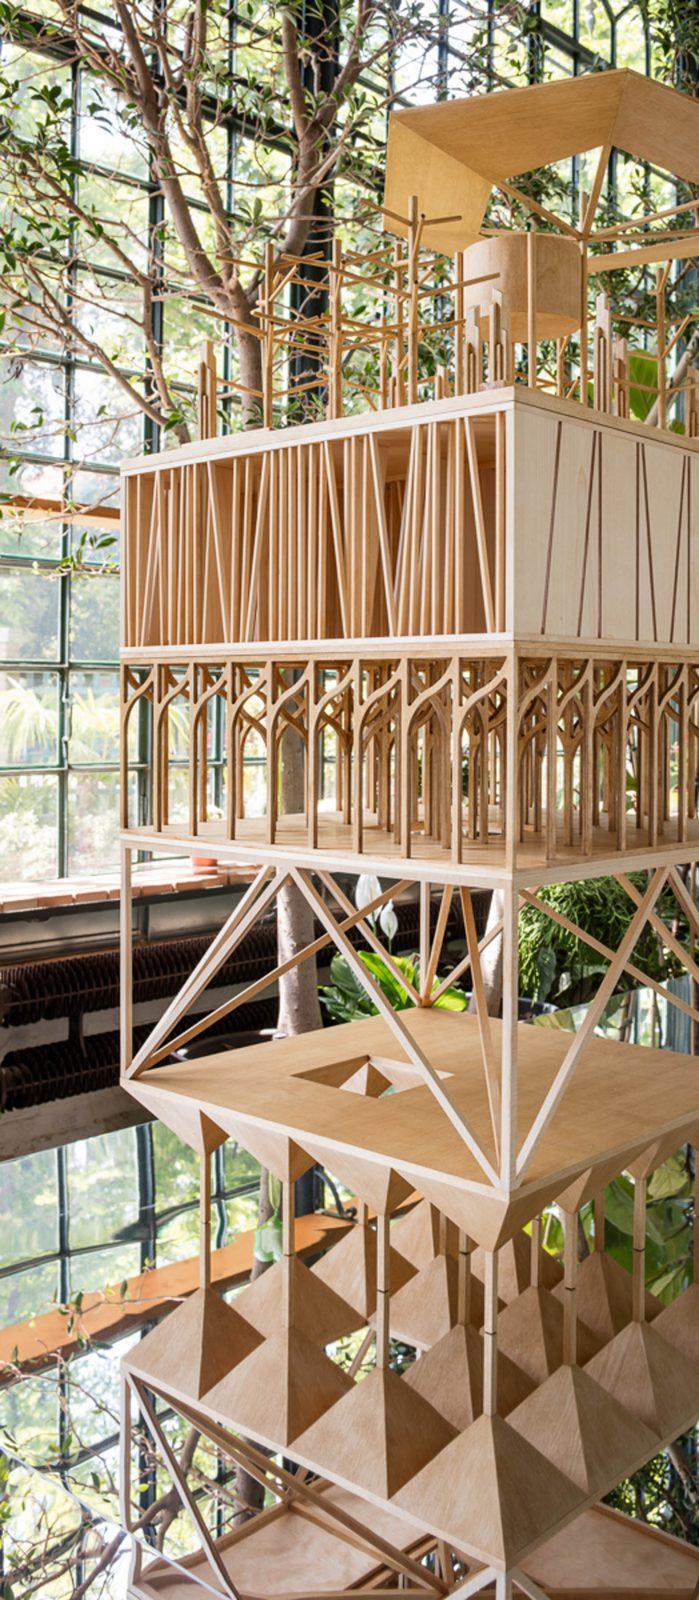 KjellanderSjoberg The Forests of Venice model